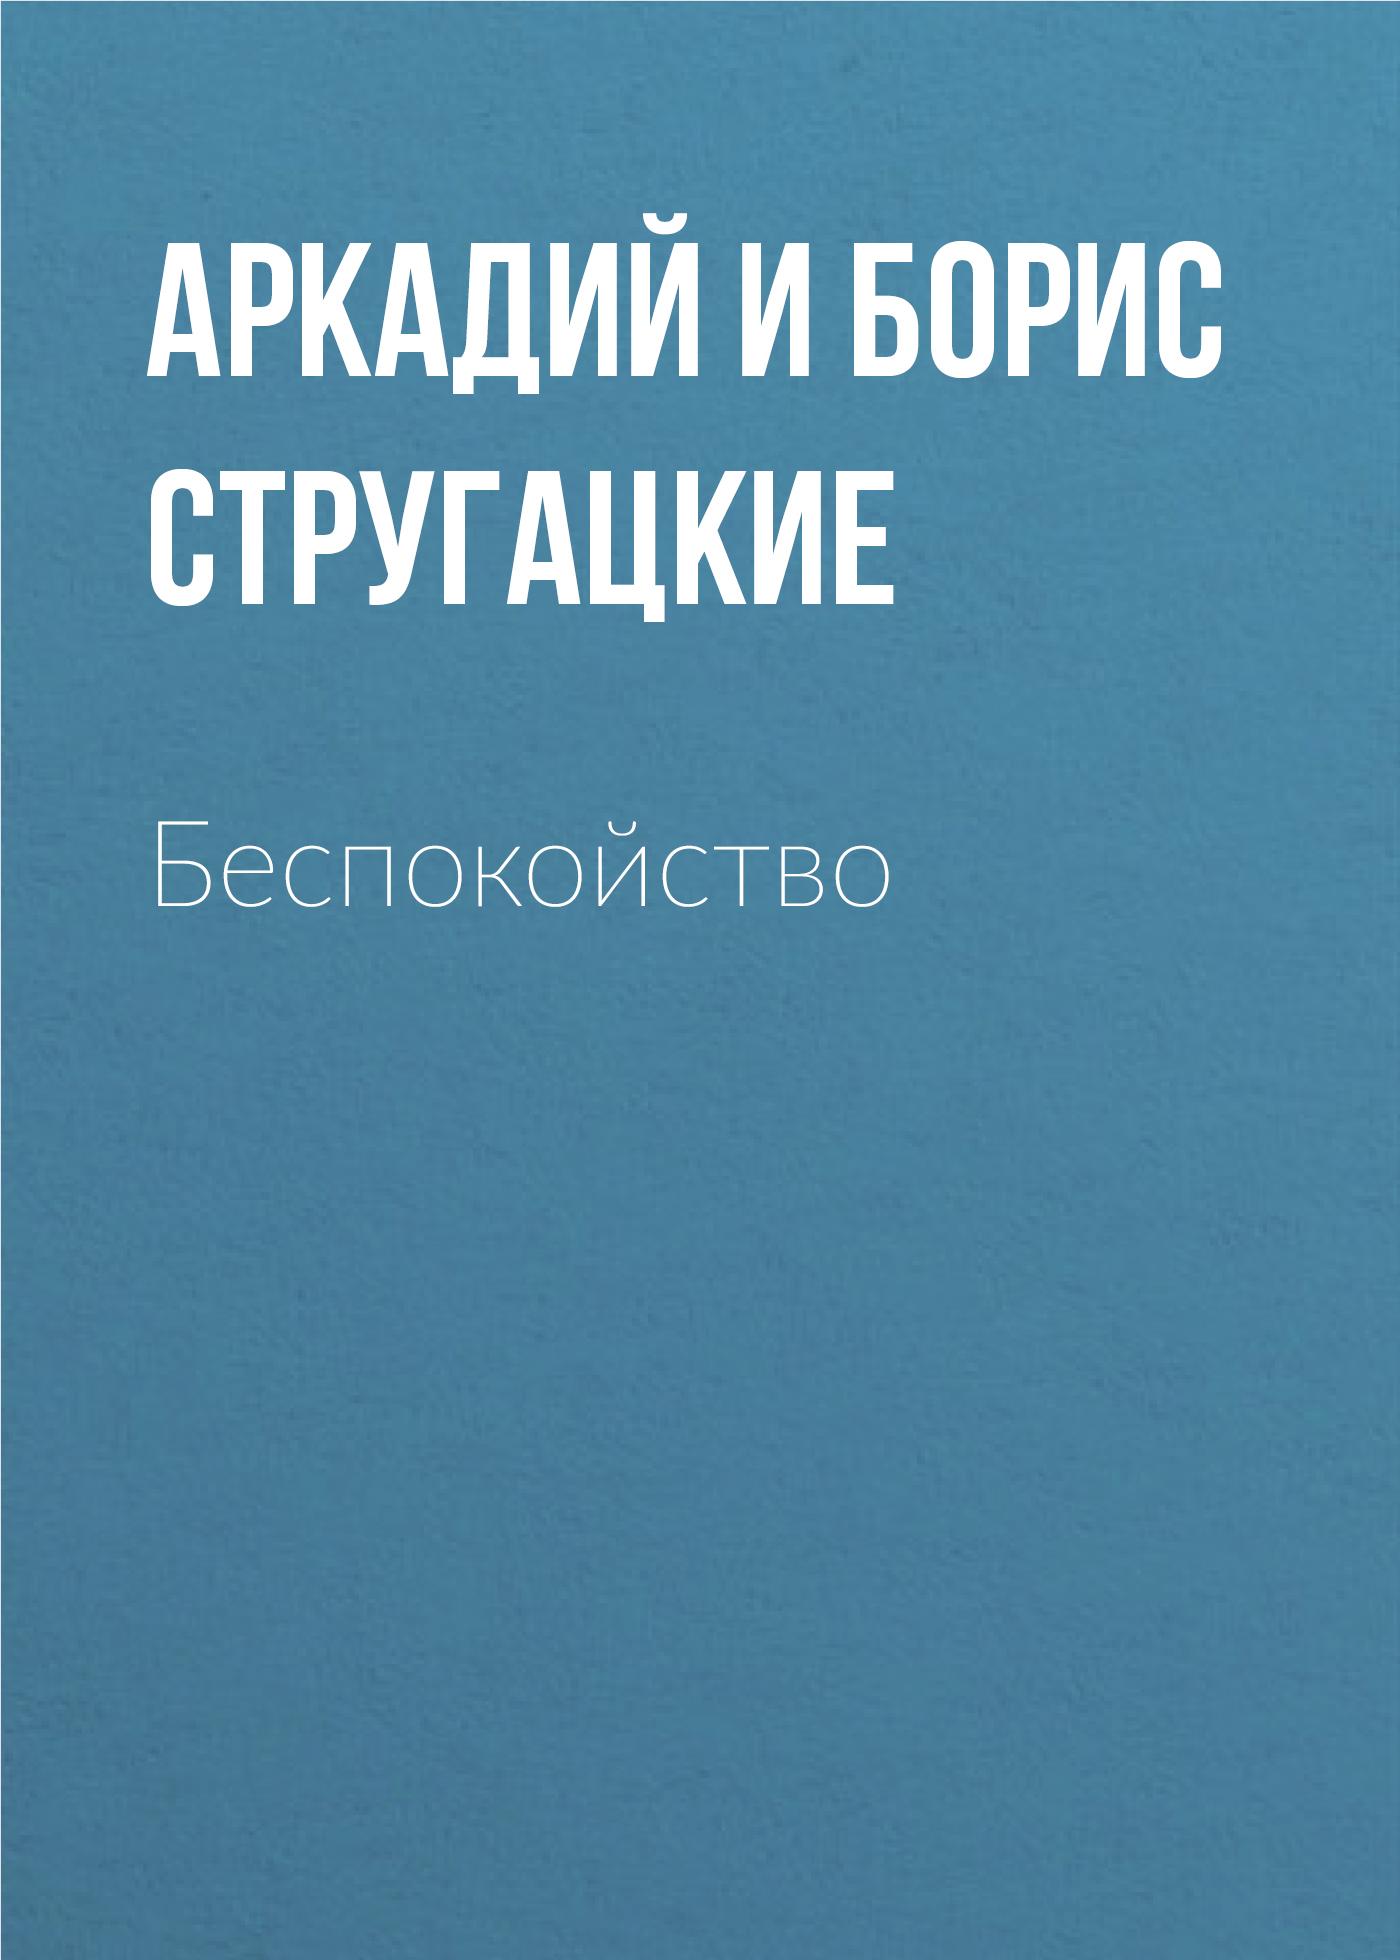 Аркадий и Борис Стругацкие Беспокойство